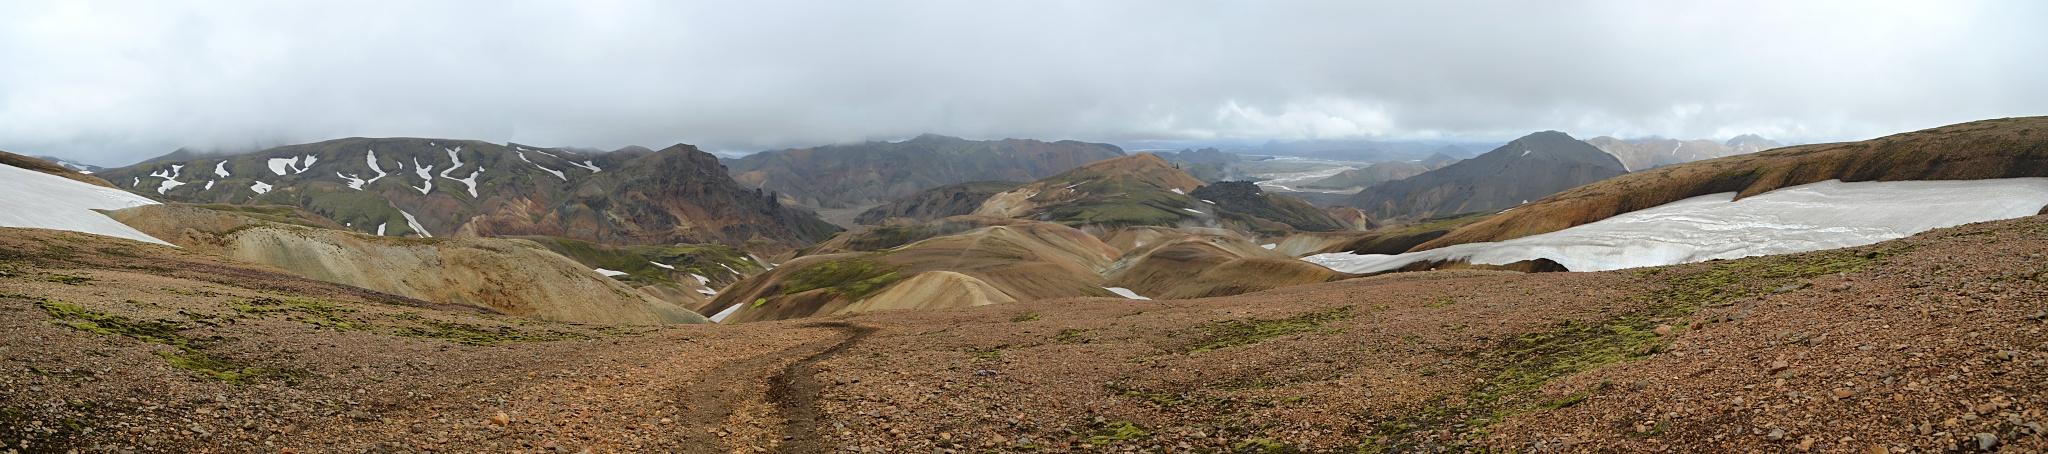 Panoramatický pohled na Duhové hory